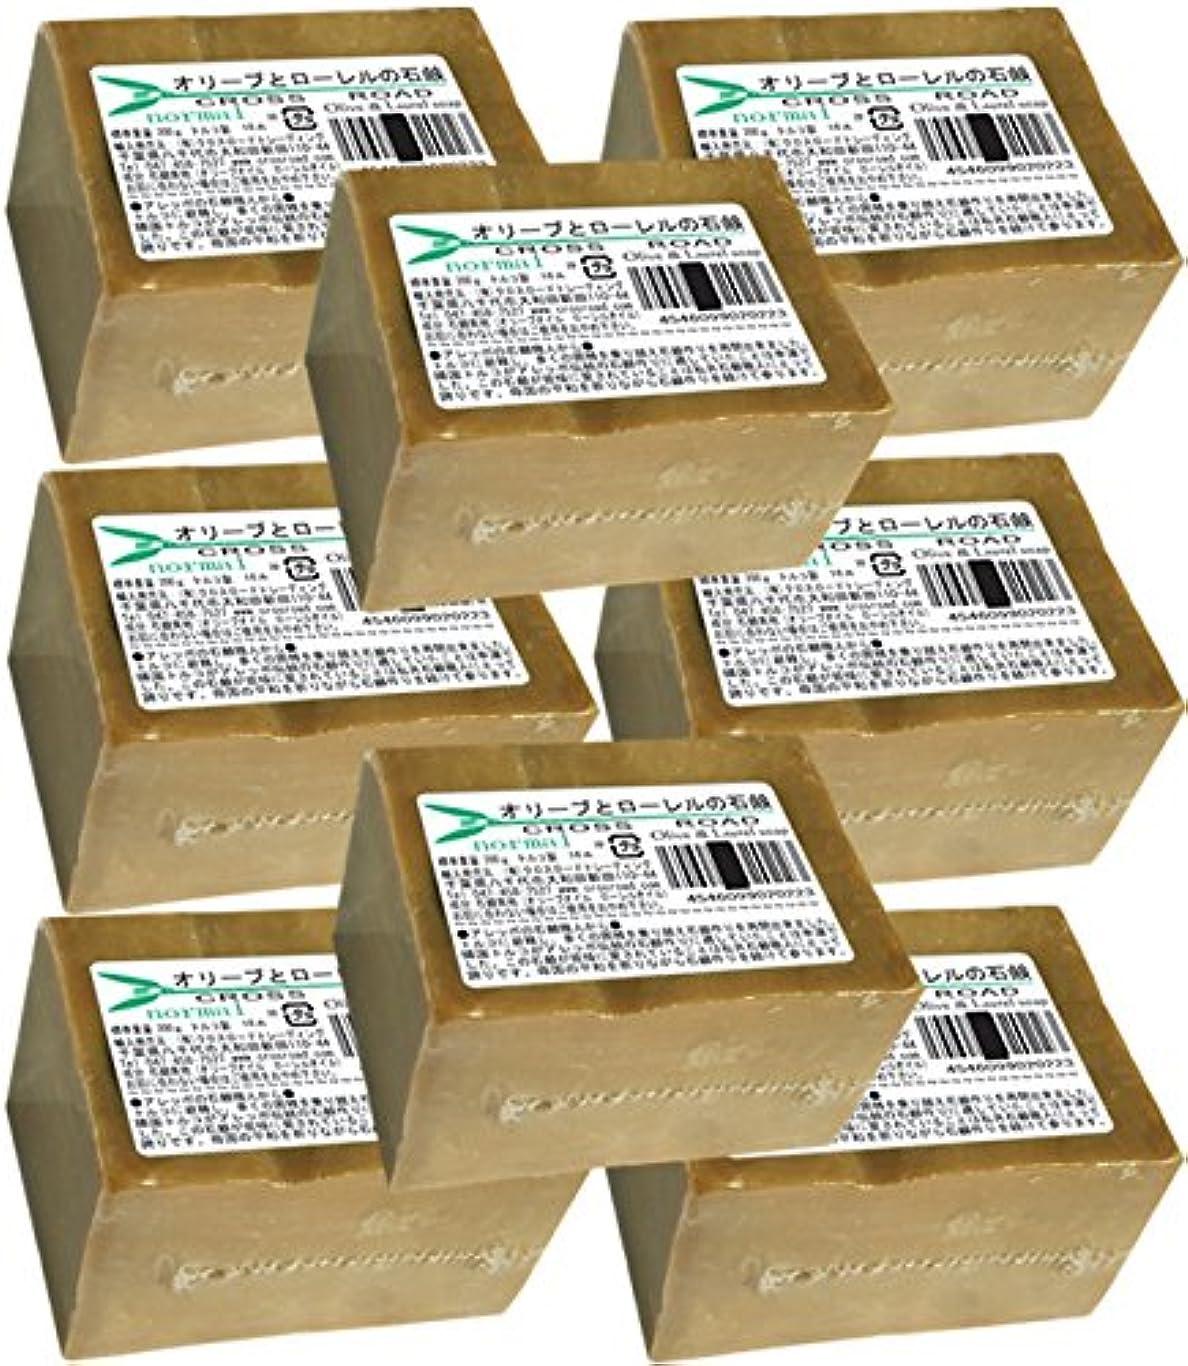 国国民変更可能オリーブとローレルの石鹸(ノーマル)8個セット[並行輸入品]